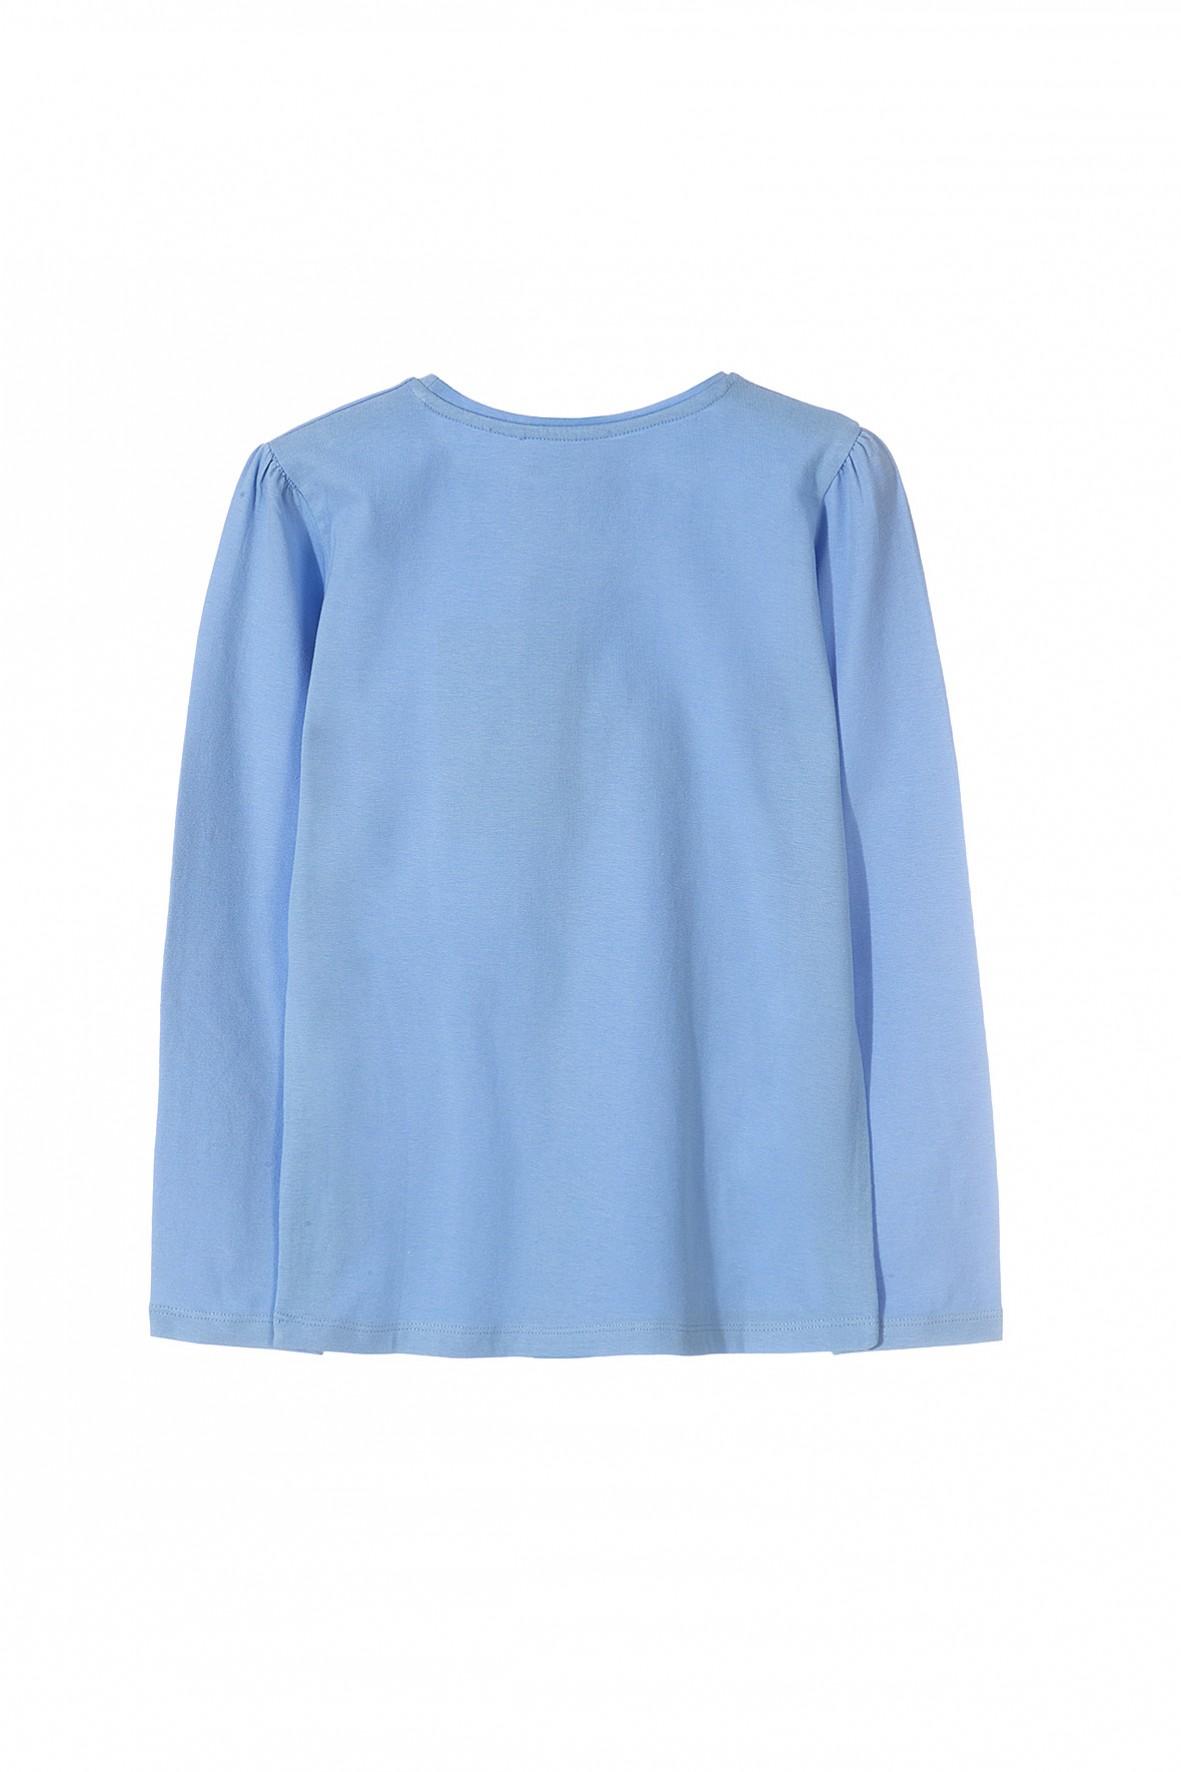 9c32ecb580 ... Bluzka dziewczęca niebieska z kwiatkiem 3D